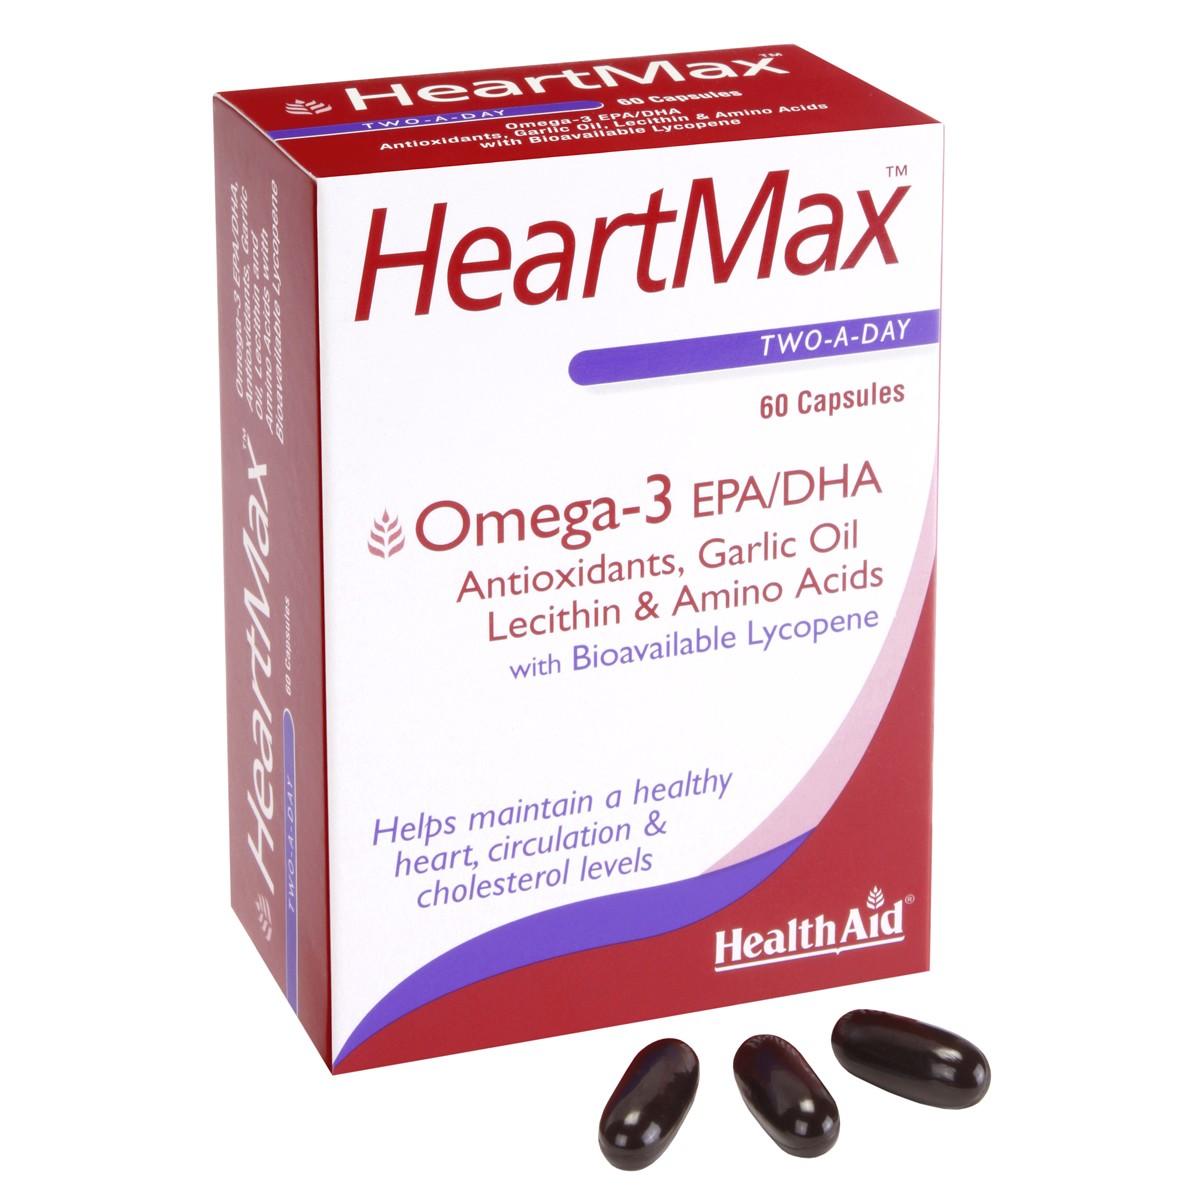 HealthAid HeartMax (Omega-3 EPA/DHA) Blister Pack